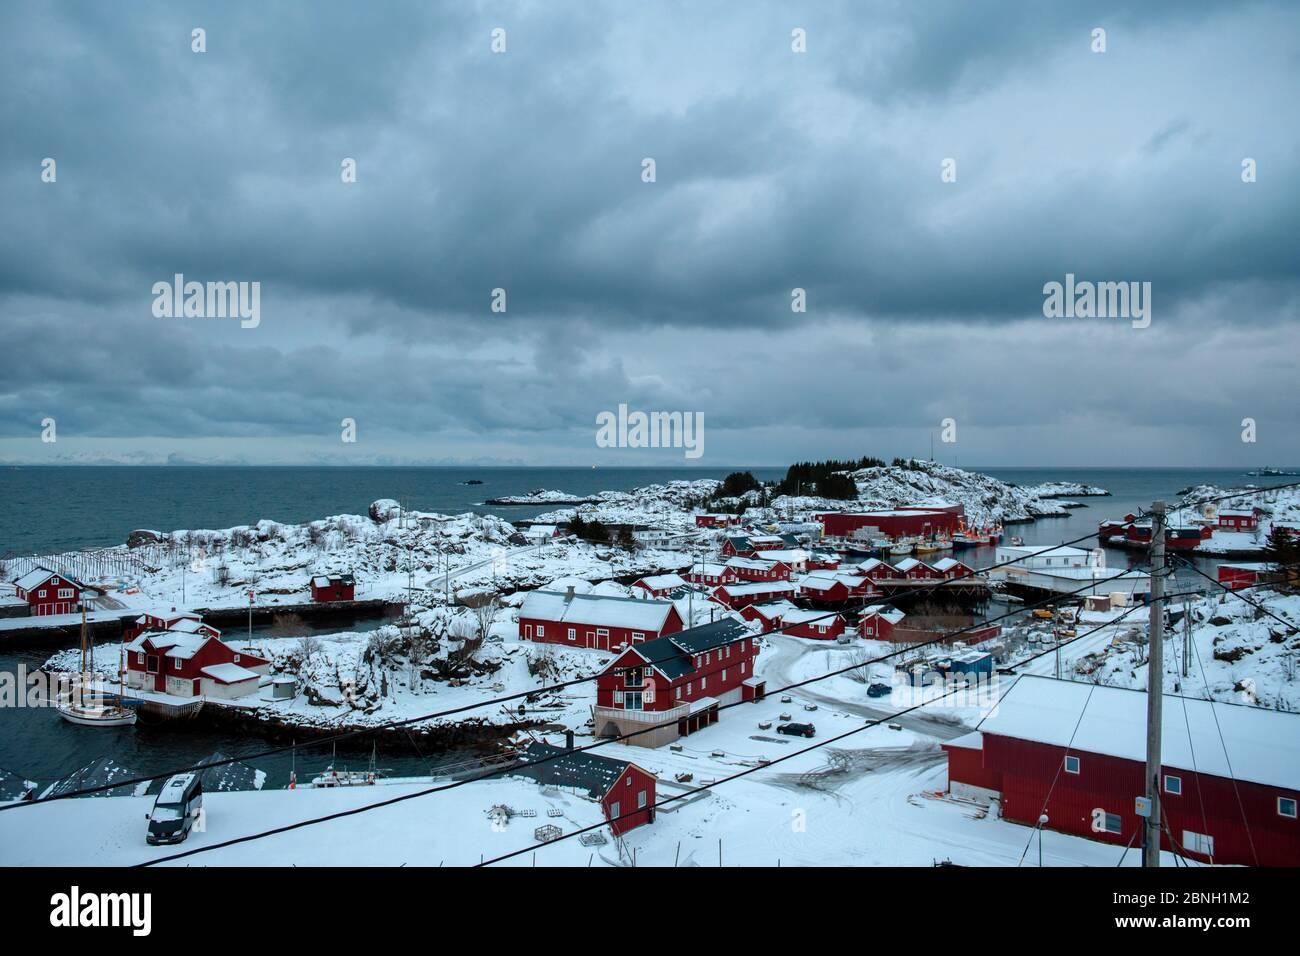 Día de invierno con cielo azul nublado en pequeño pueblo. Islas Lofoten, Noruega Foto de stock